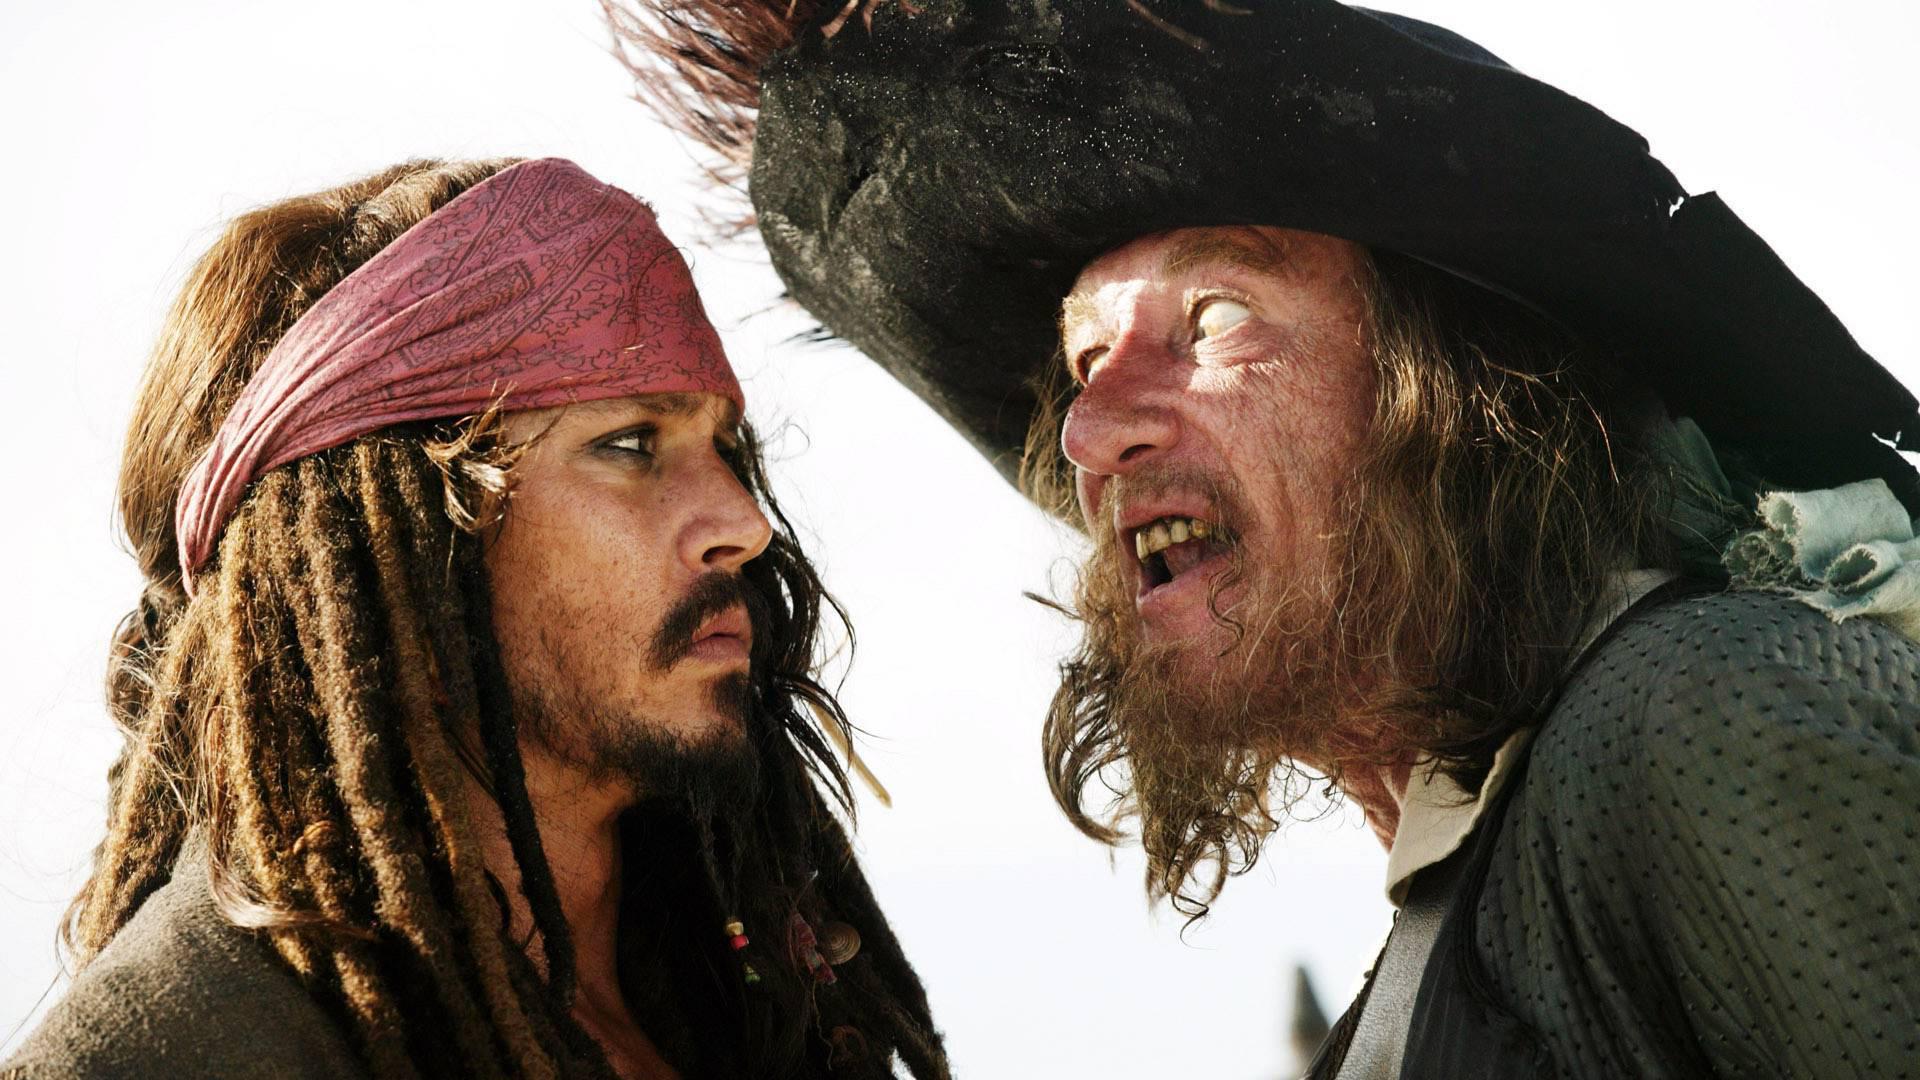 Очень жесткий спойлер от Disney: Джека Воробья убьют в новой части «Пиратов Карибского моря»